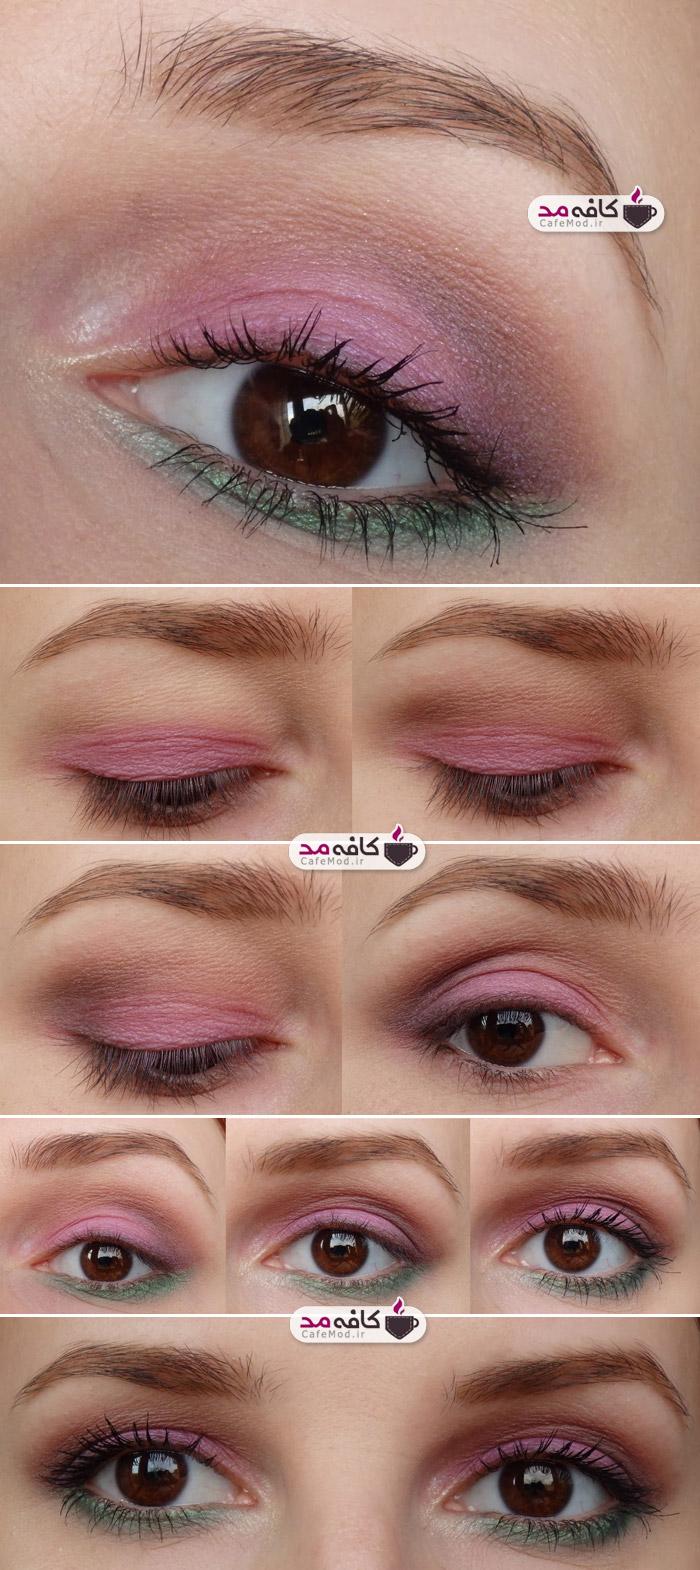 آموزش آرایش چشم صورتی و سبز